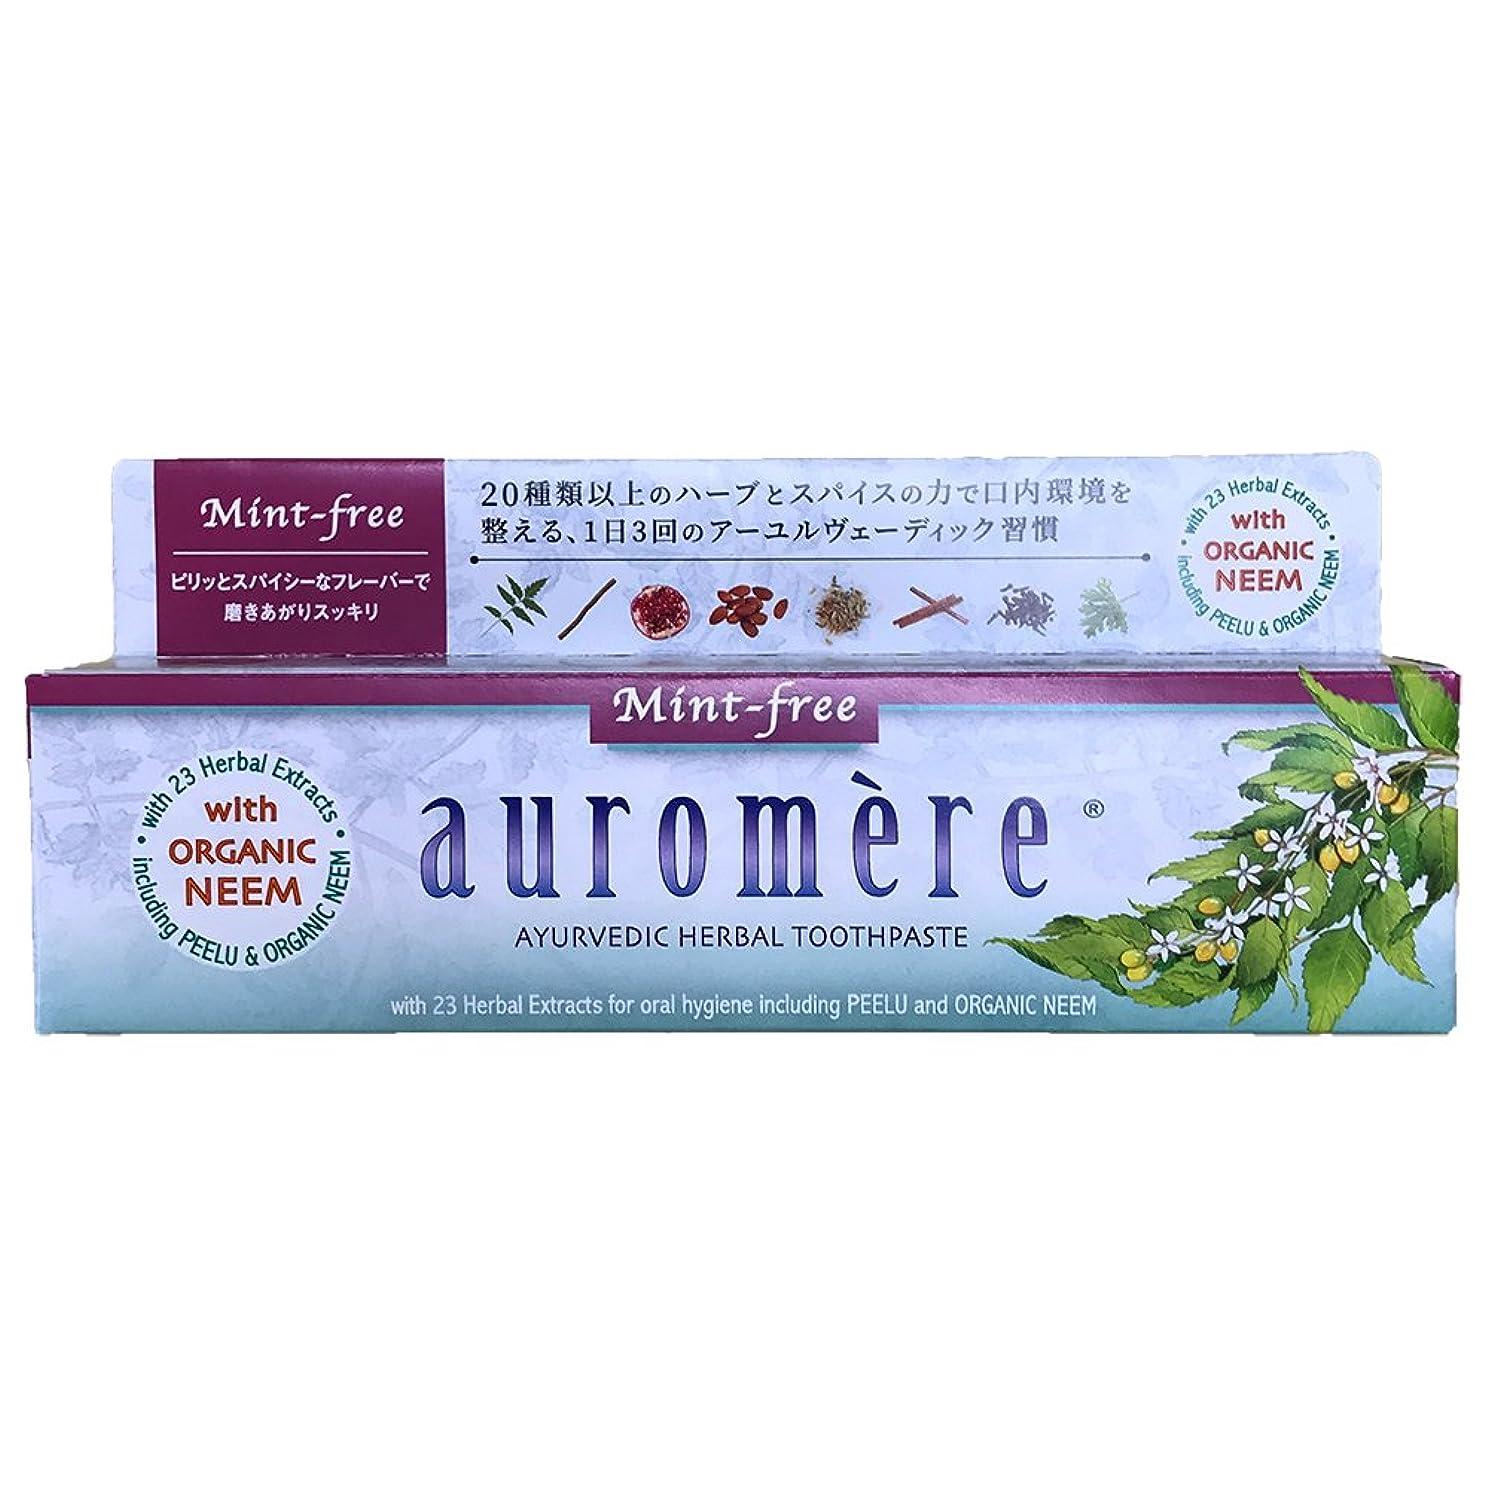 兵士量嘆くオーロメア 歯磨き粉 ミントフリー (100g)